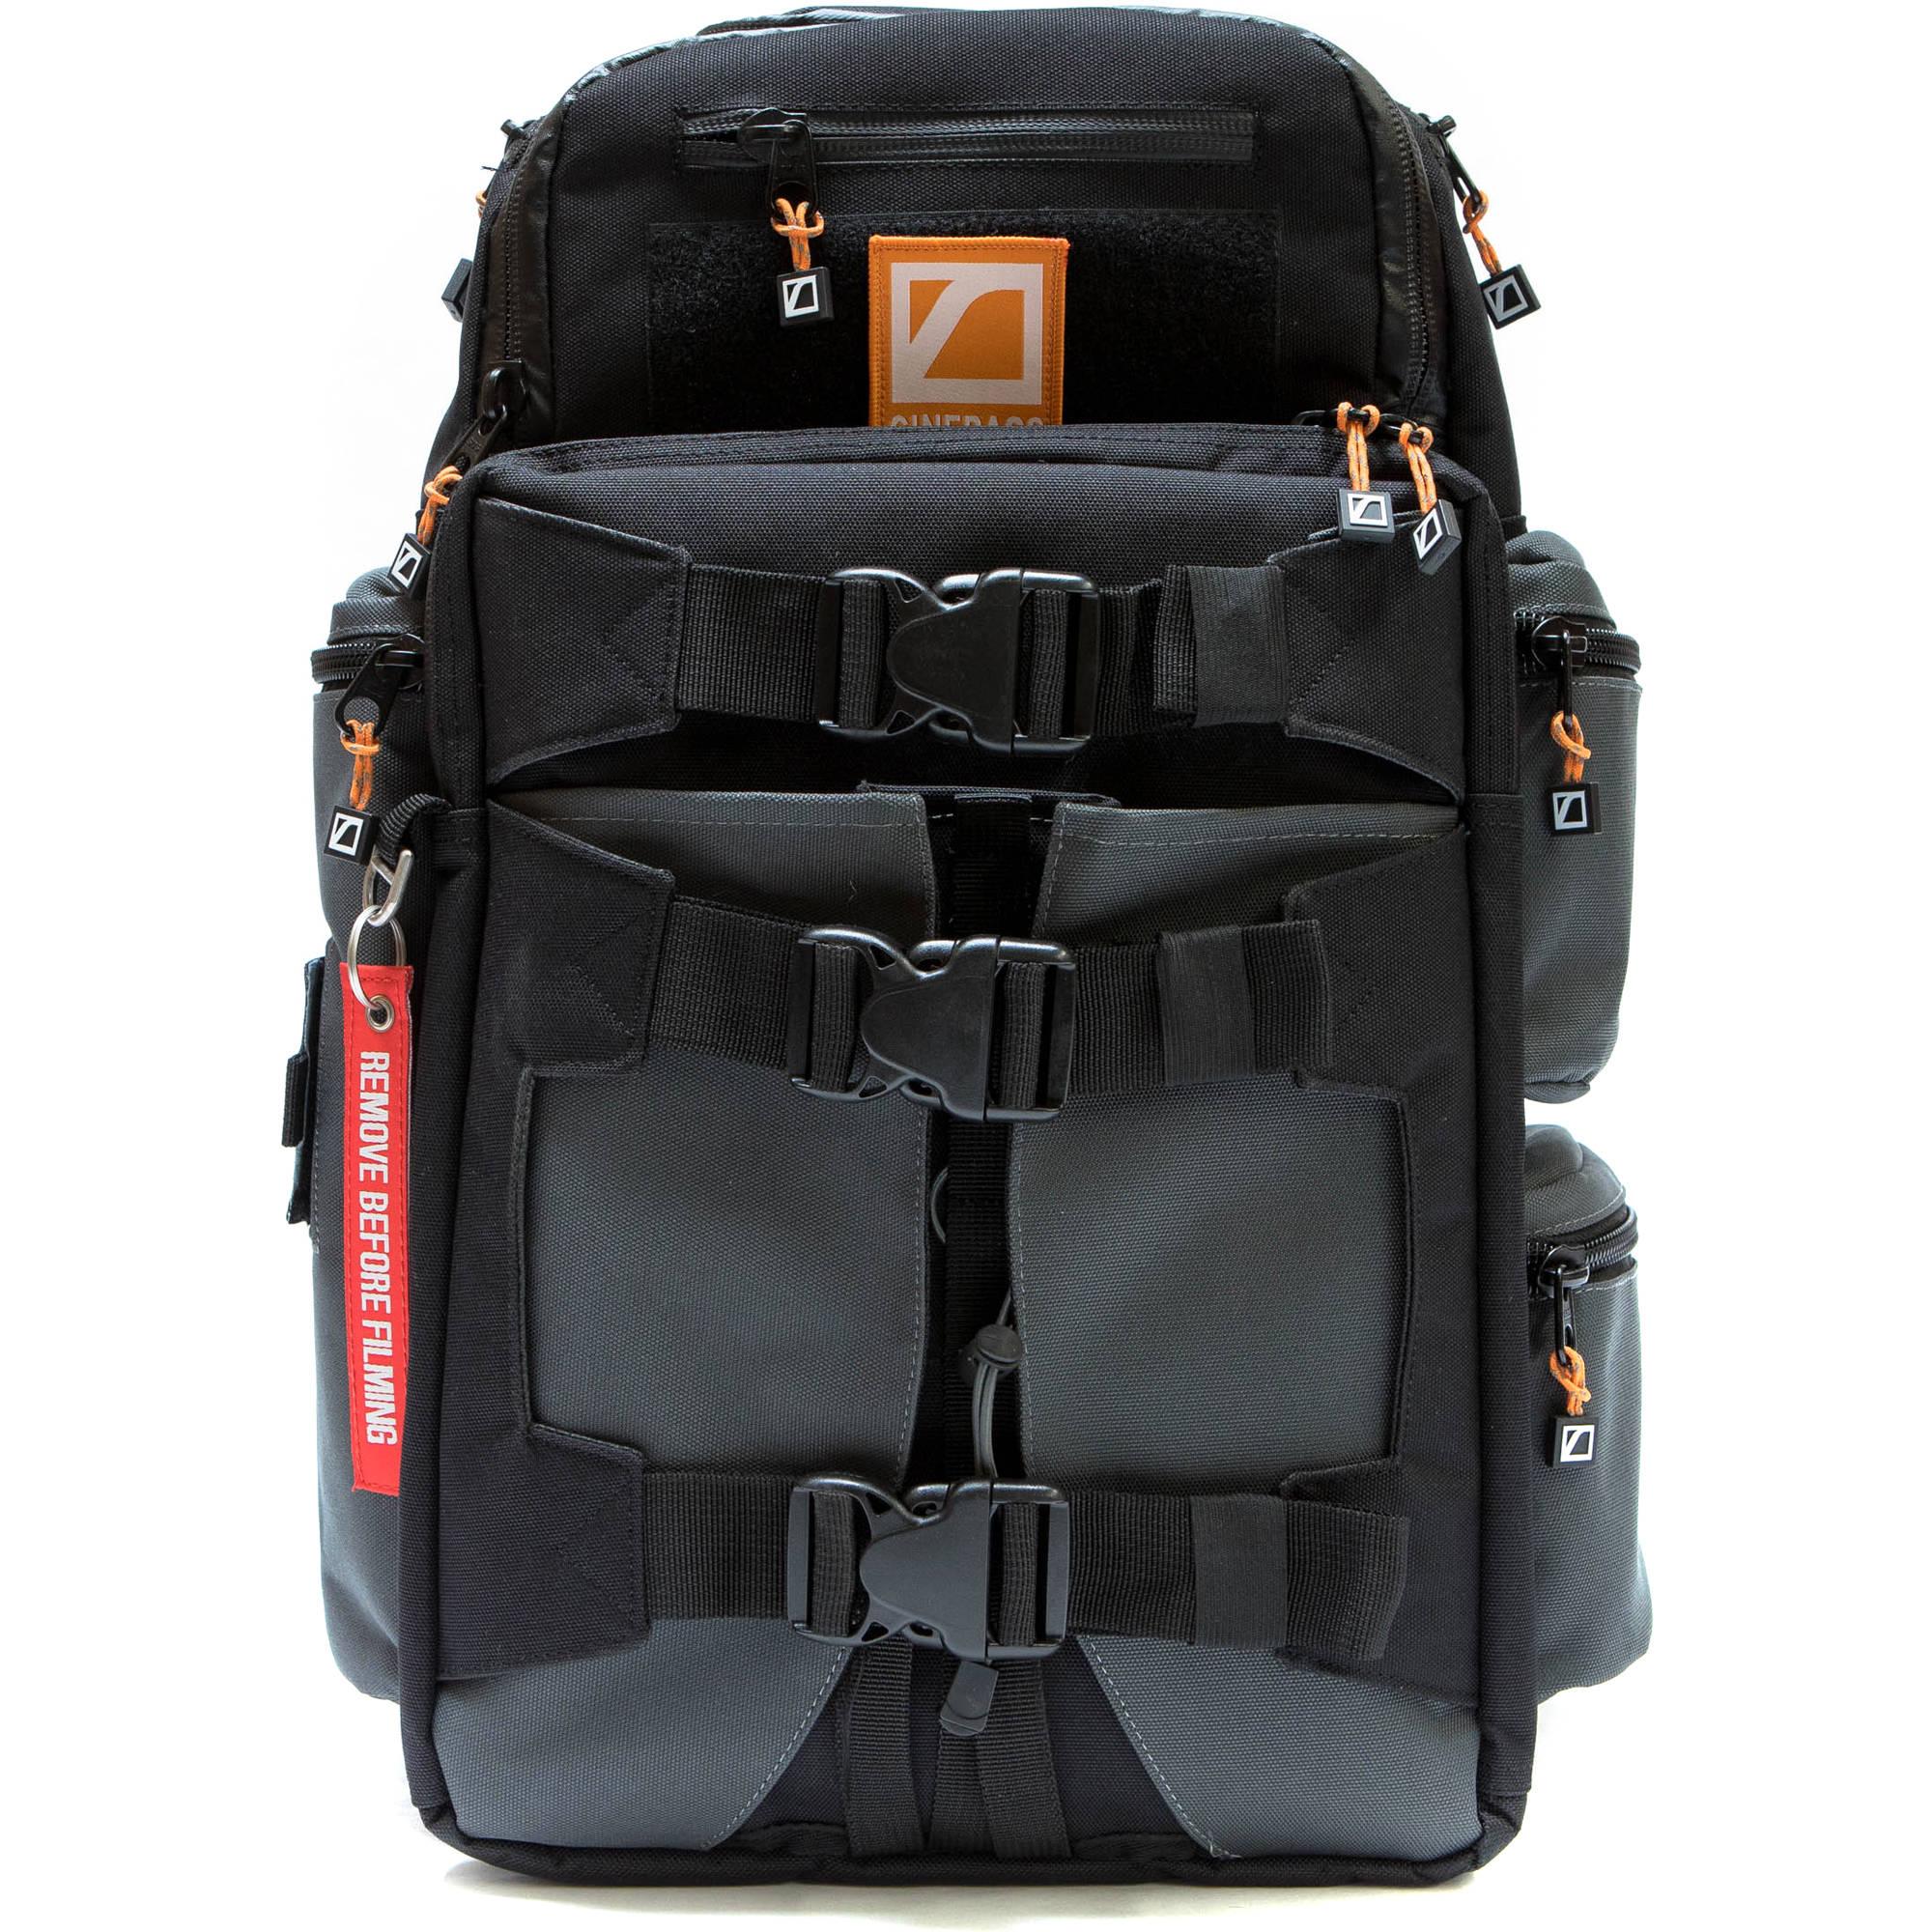 a417bc7cf8 CineBags CB25B Revolution Backpack (Black Charcoal) CB-25B B H